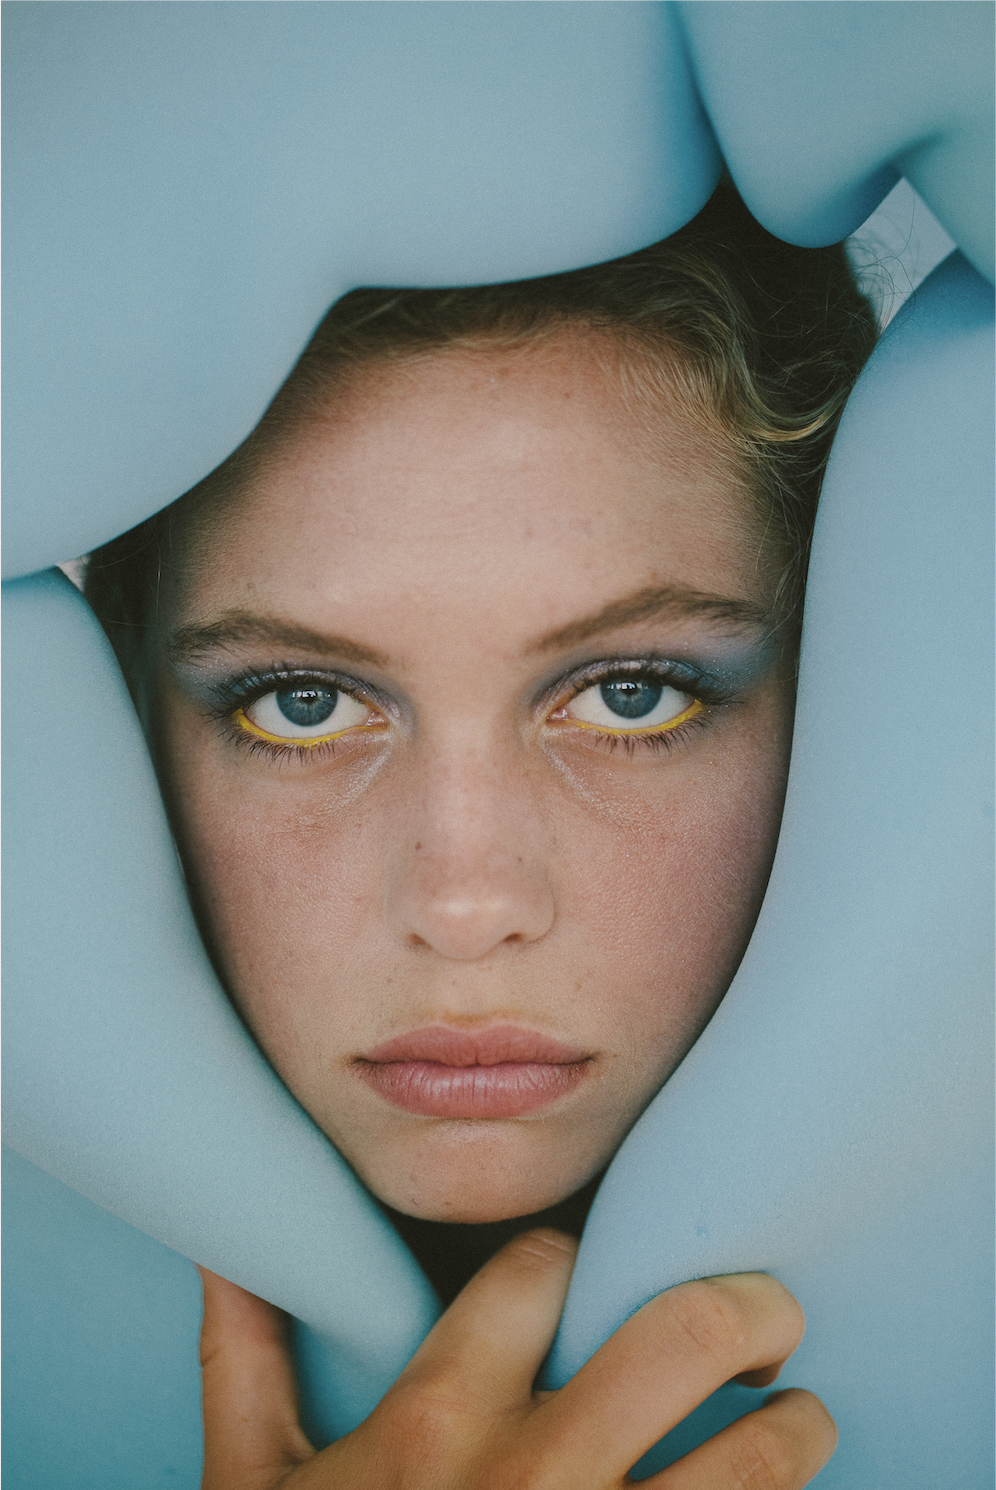 Martina Matencio - El cielo azul image